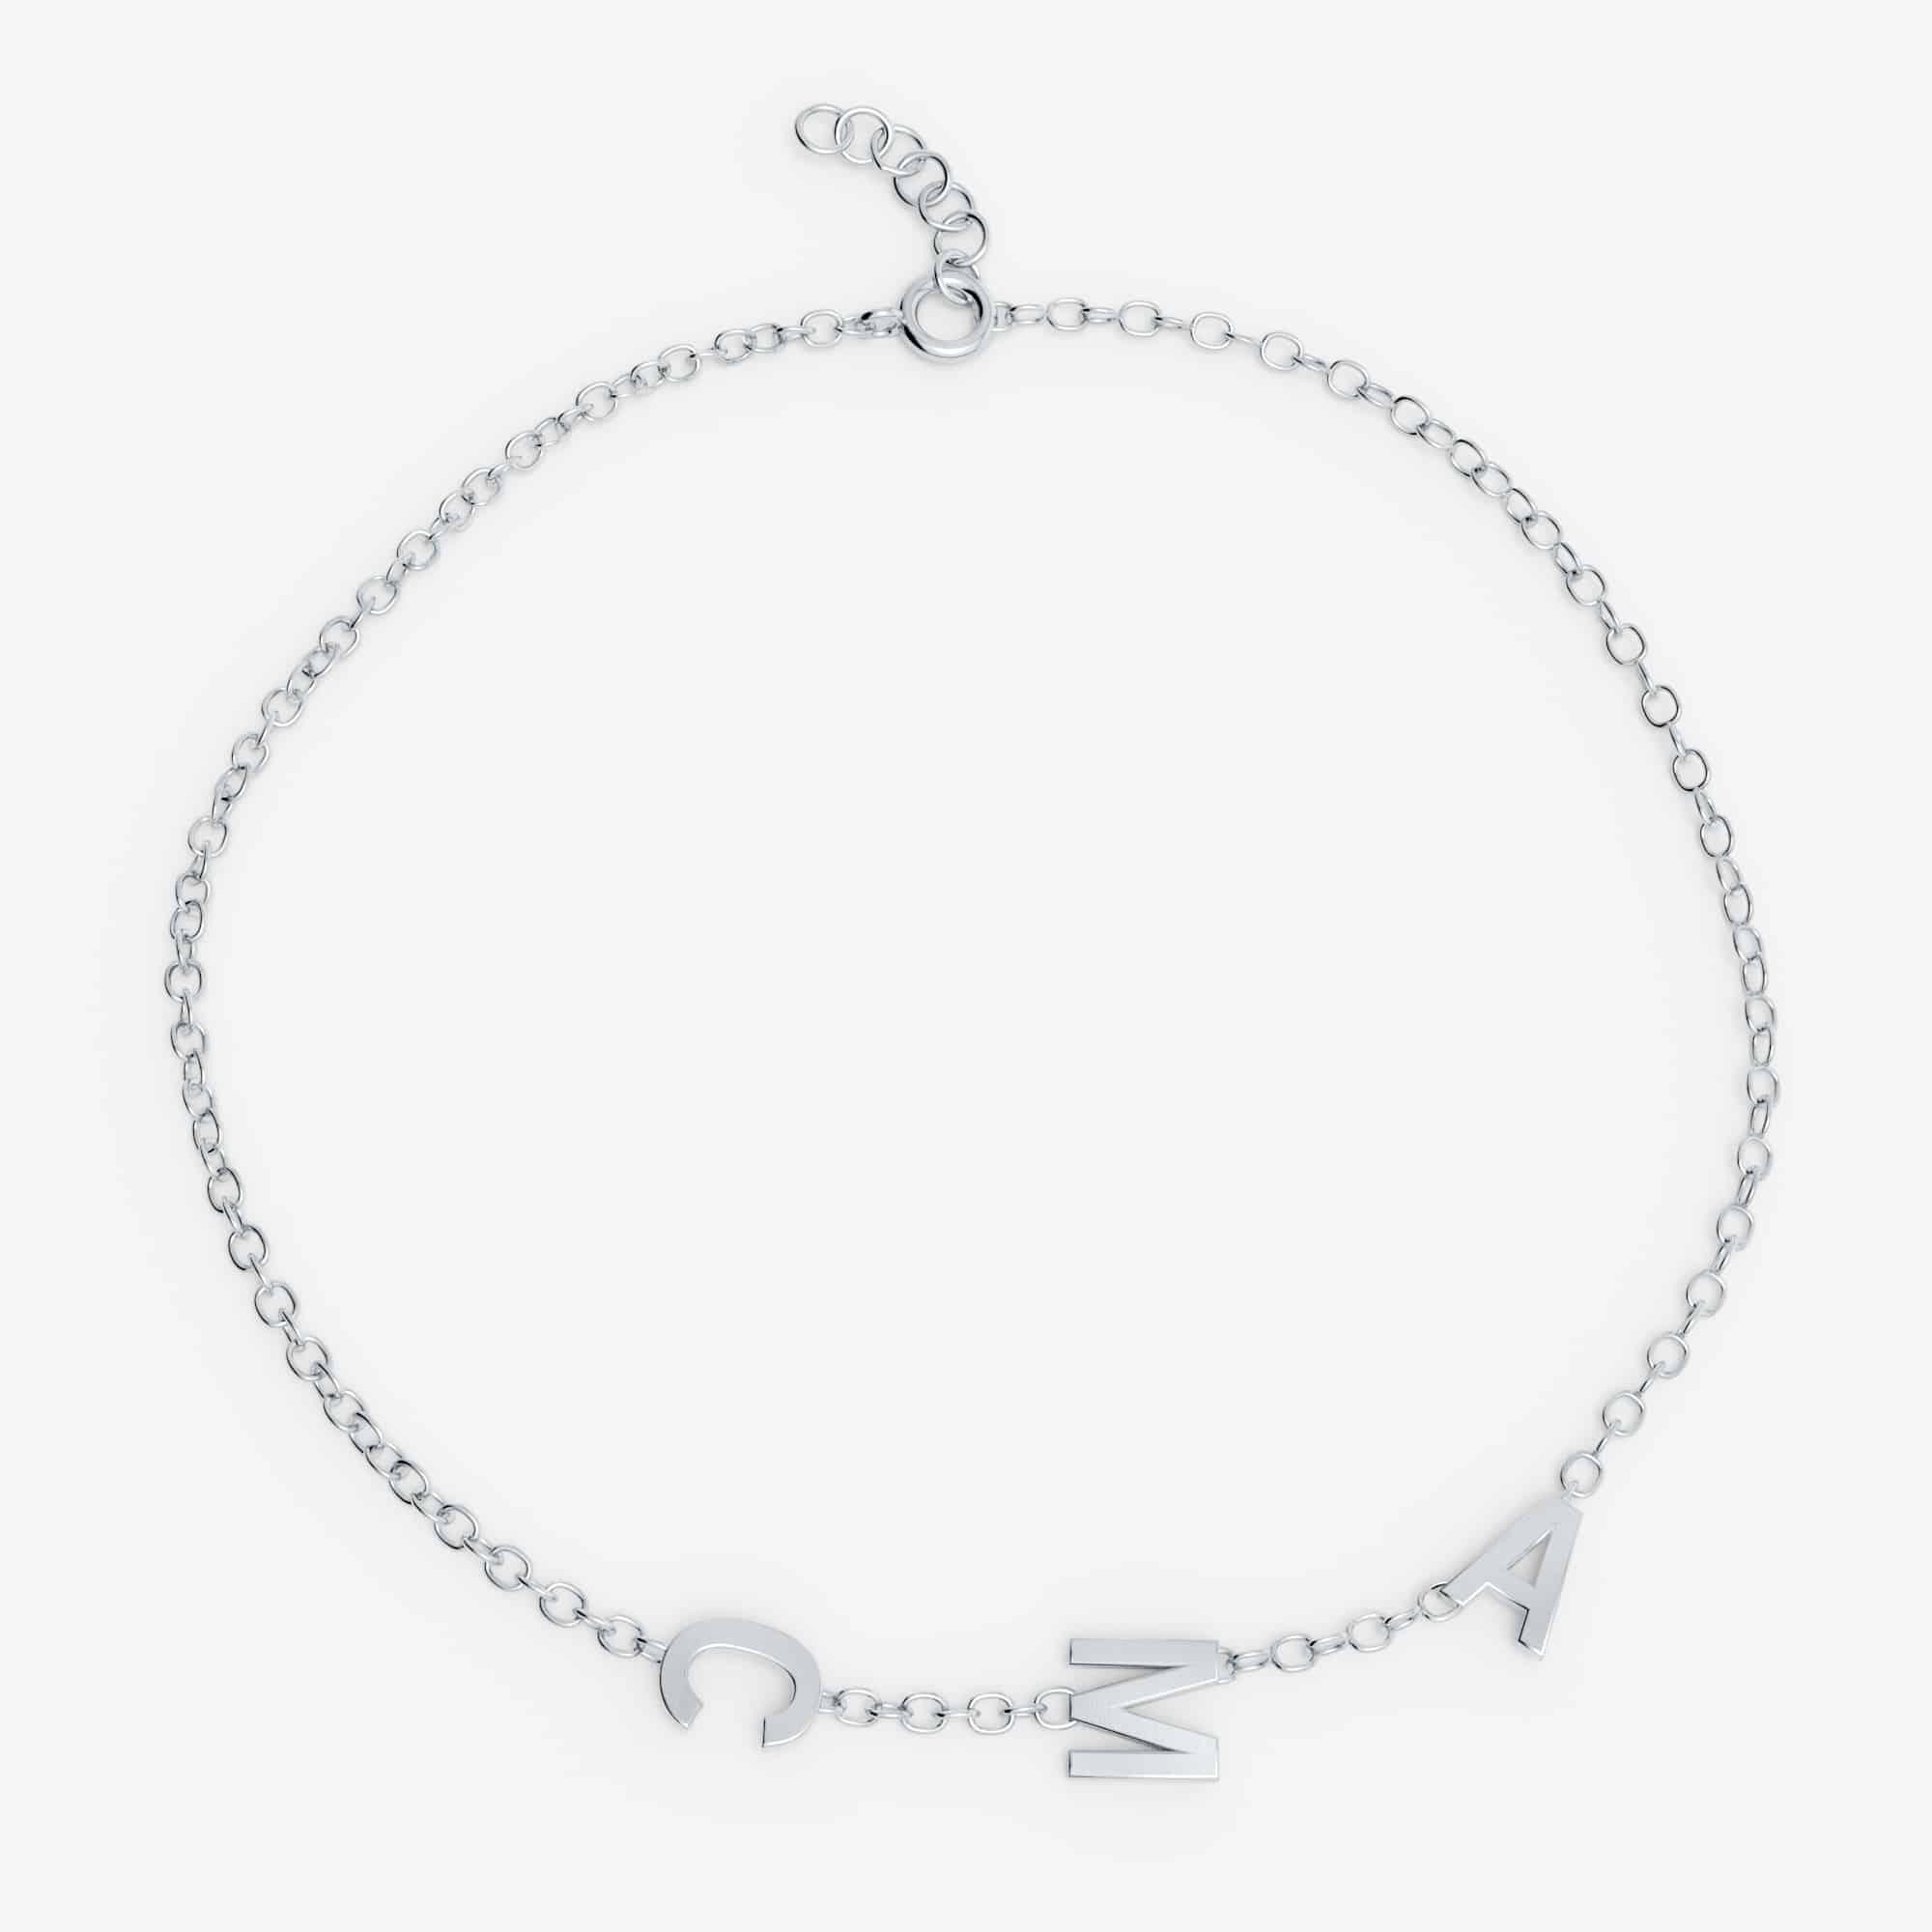 Bracelet 3 lettres personnalisées - Or blanc 18 carats